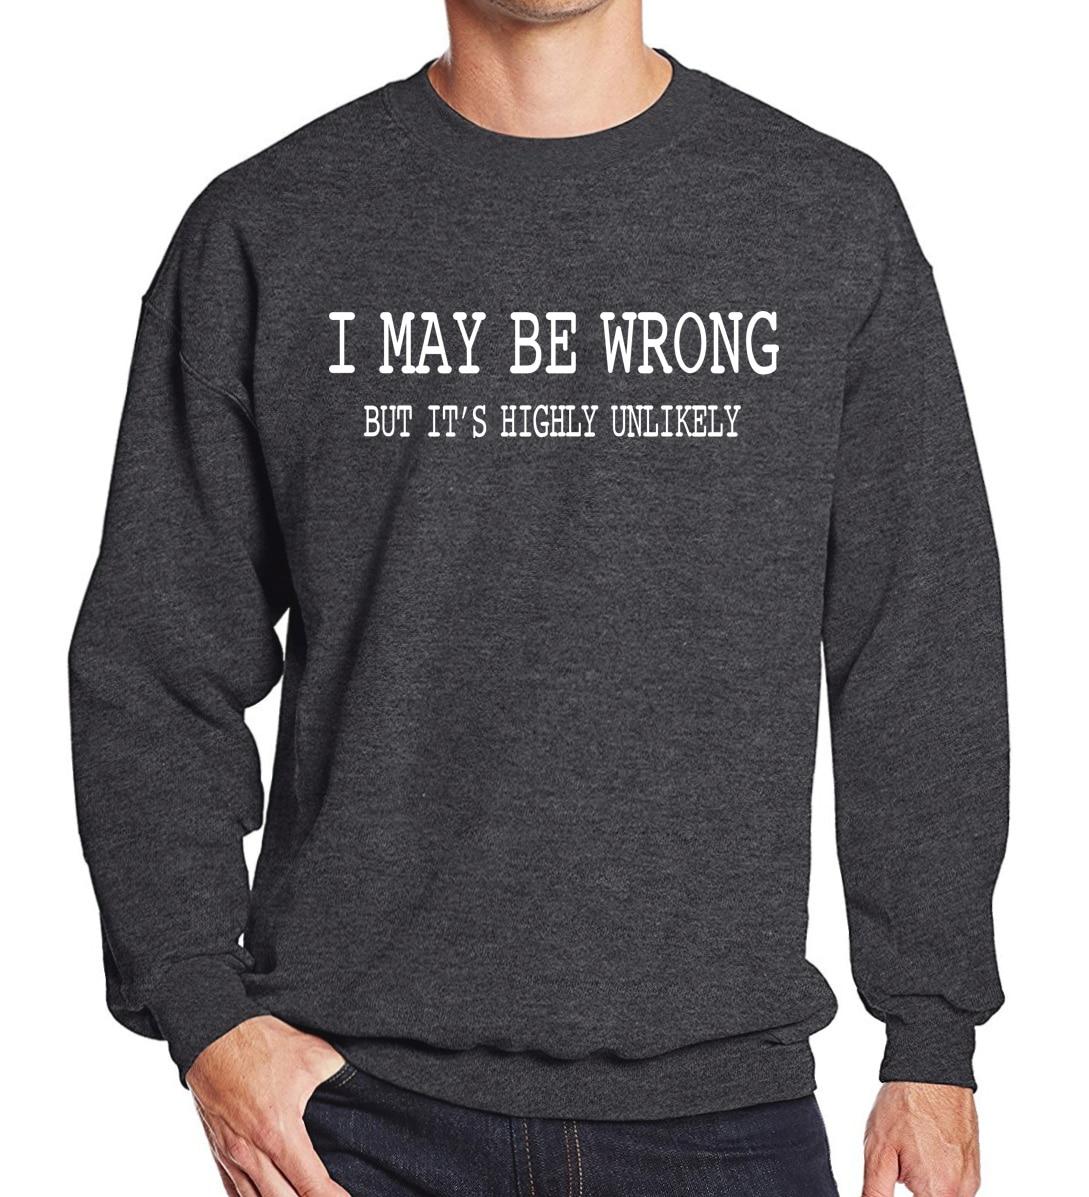 I MAY BE WRONG funny print hoody 2019 men's sportswear spring winter fleece hoodies men sweatshirt Crossfit tracksuits hoodie